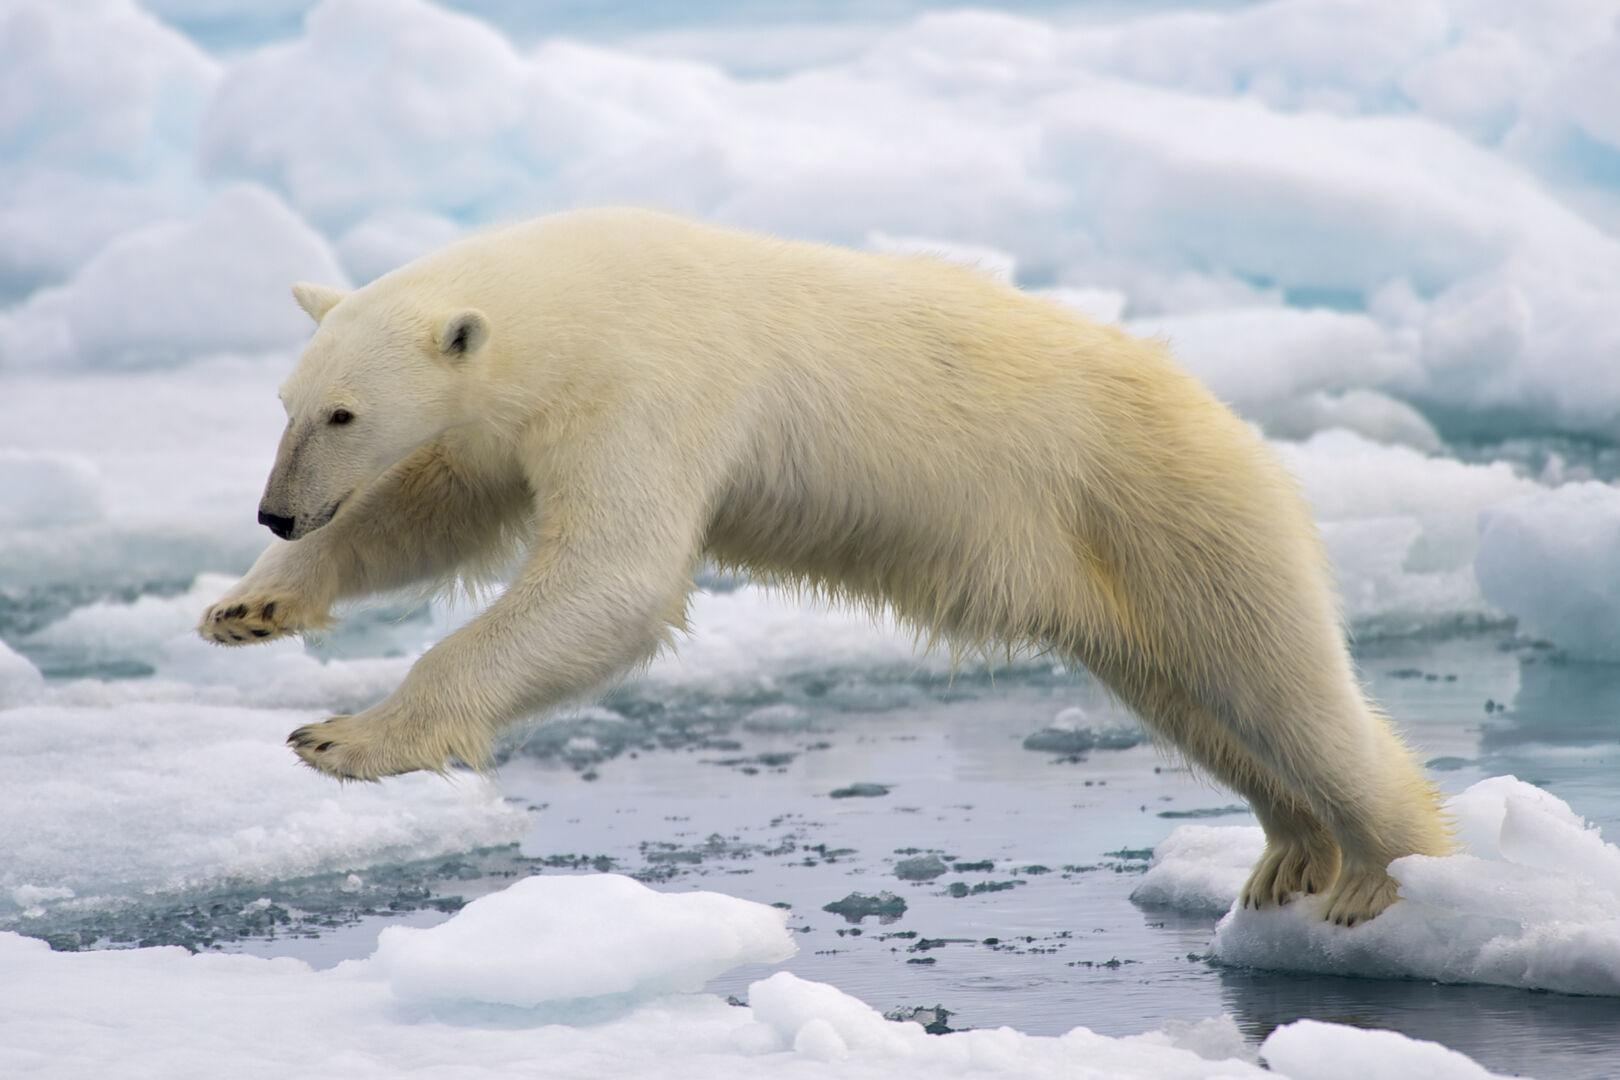 Imagenes De Osos Polares: La Población De Osos Polares Crece Mientras Los Ponen